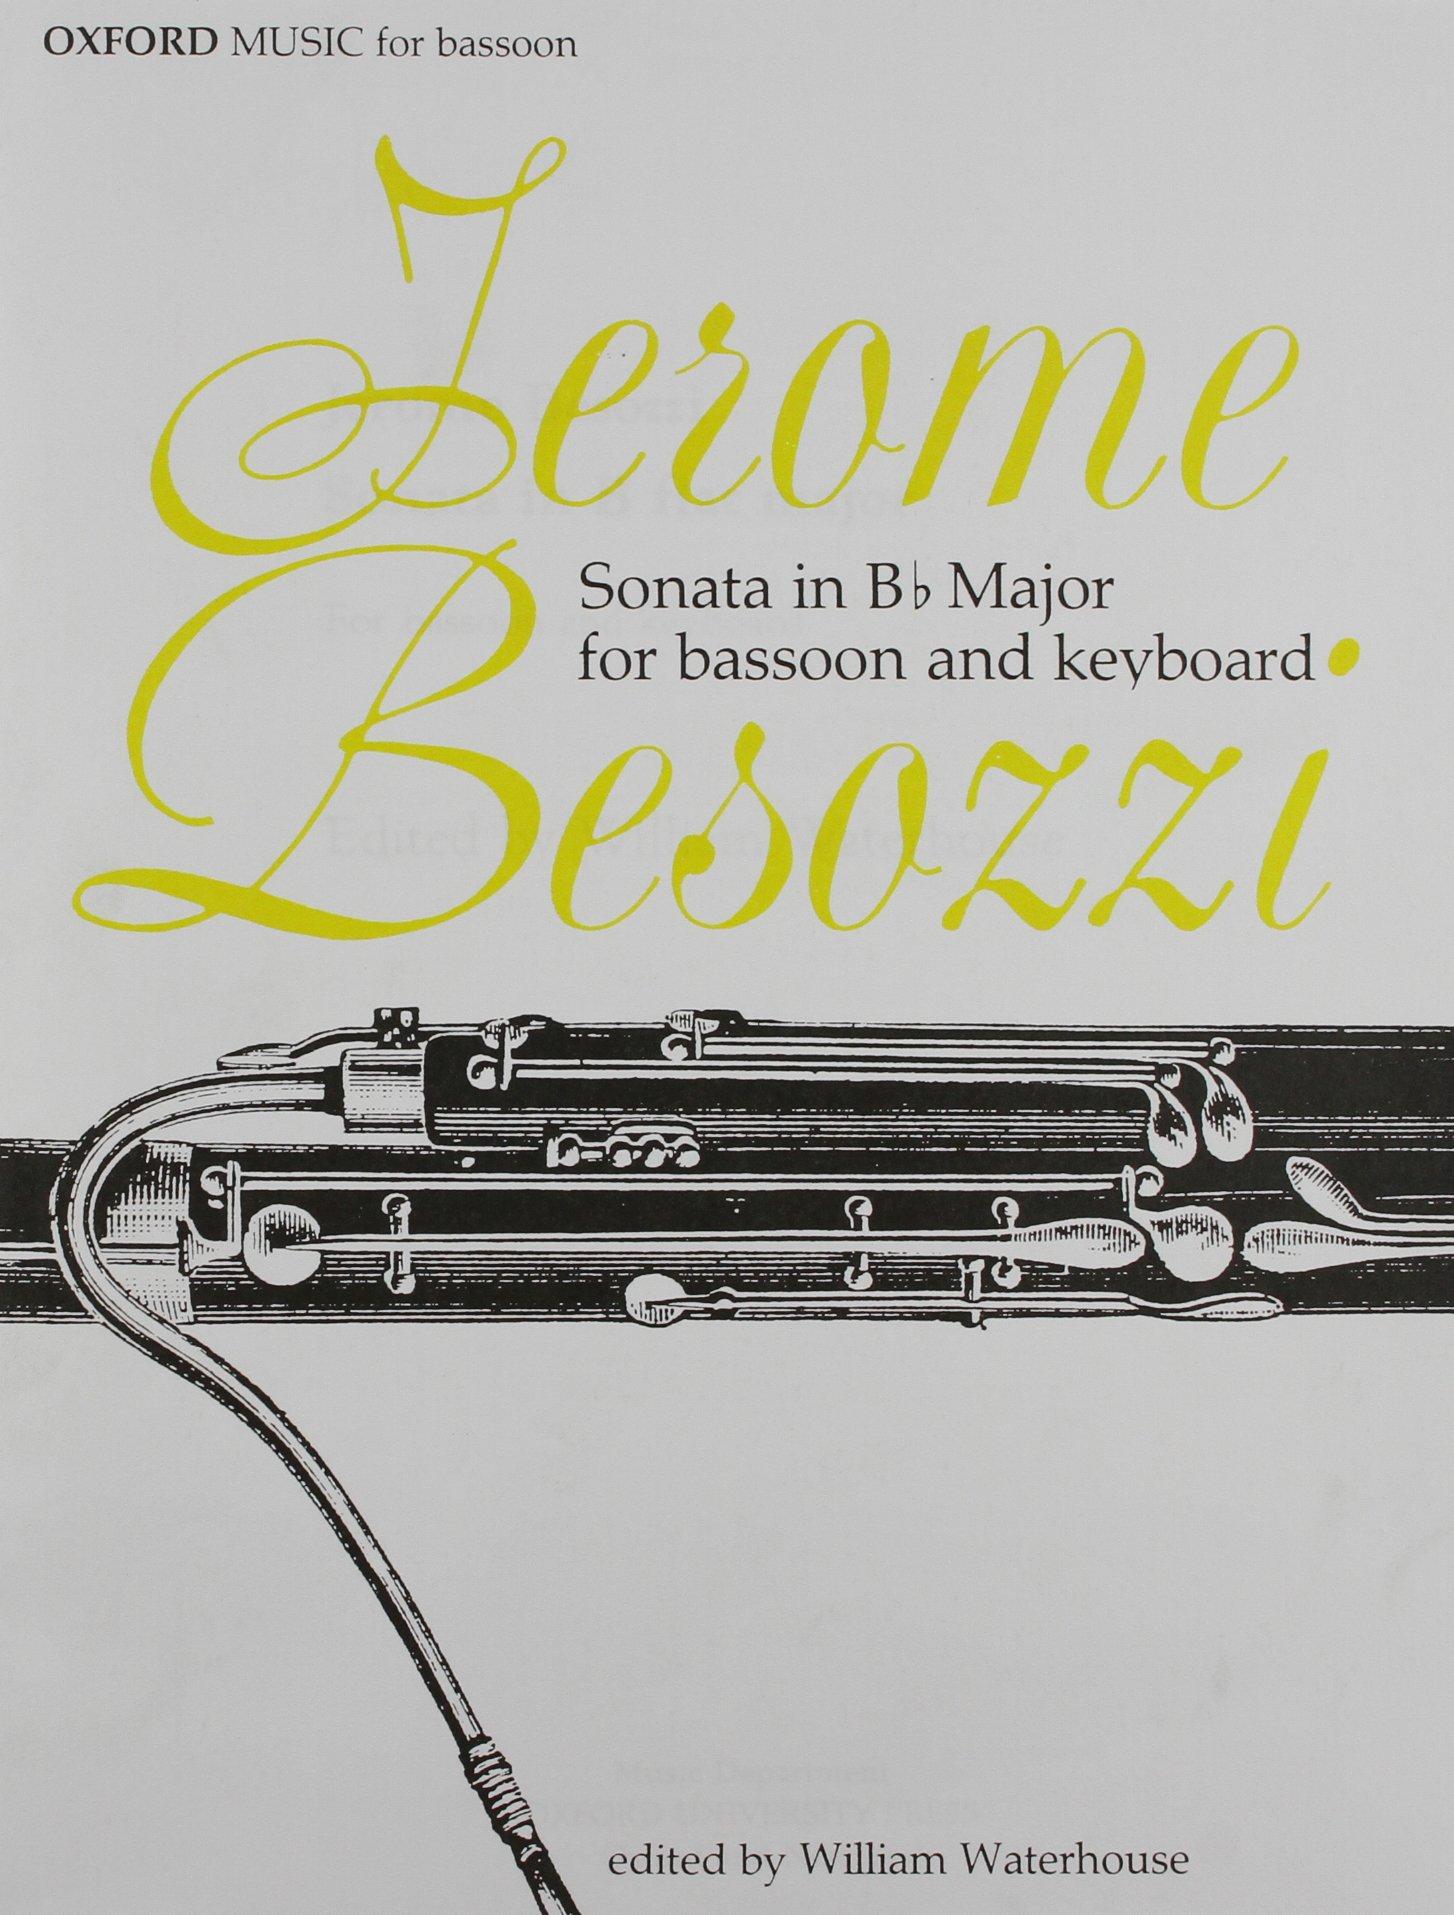 Sonata in B Flat Major for Bassoon and Keyboard